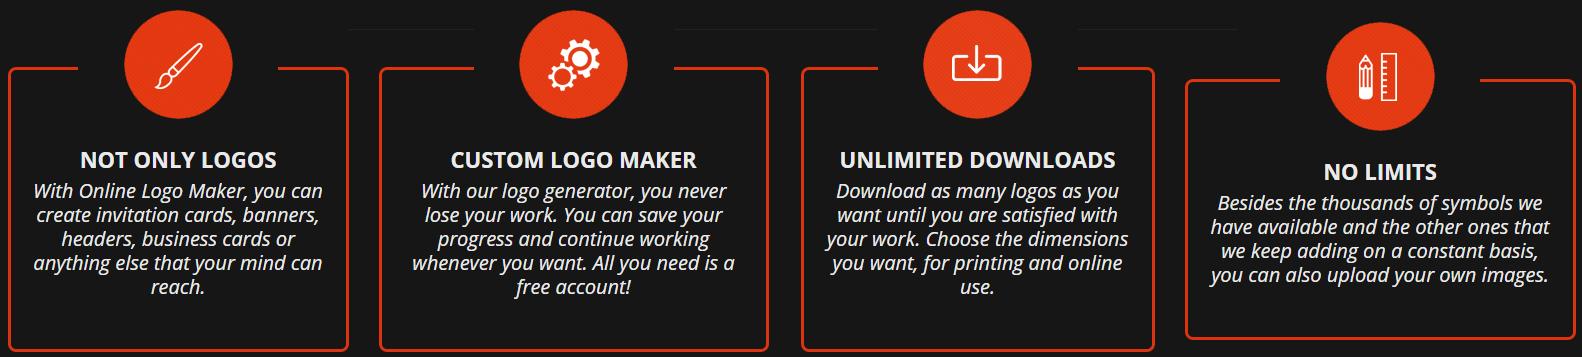 5 Best Online Logo Maker: Free Online Logo Maker Websites